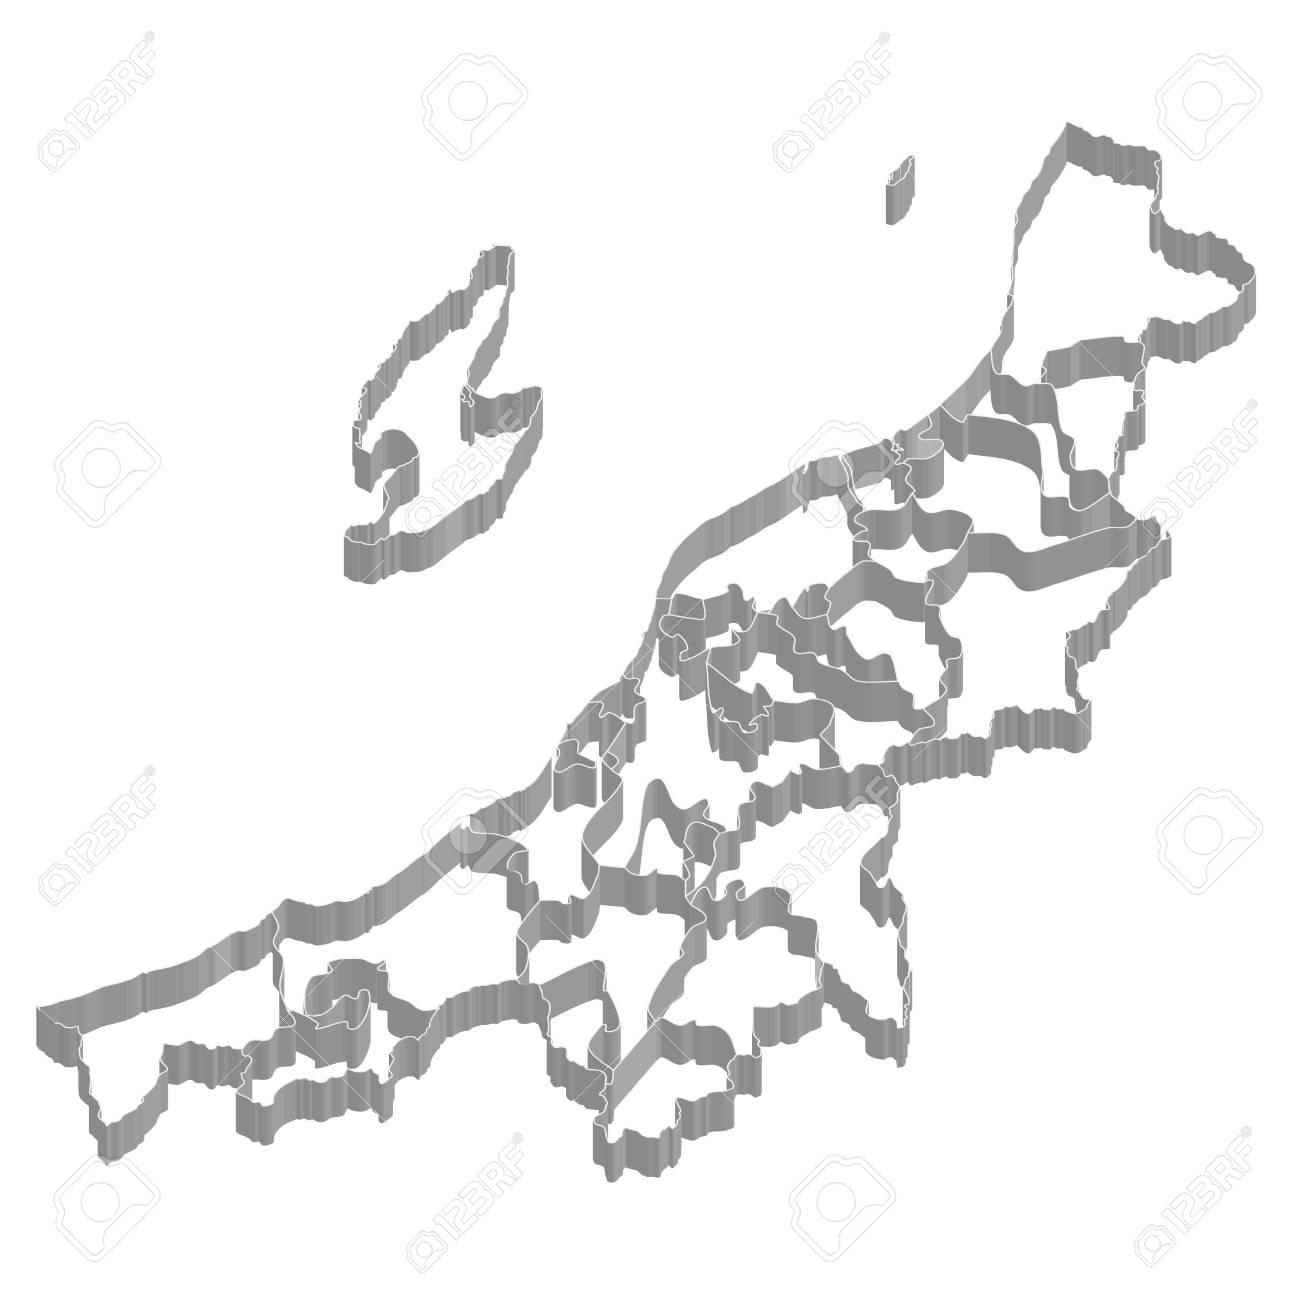 新潟県地図フレーム アイコン